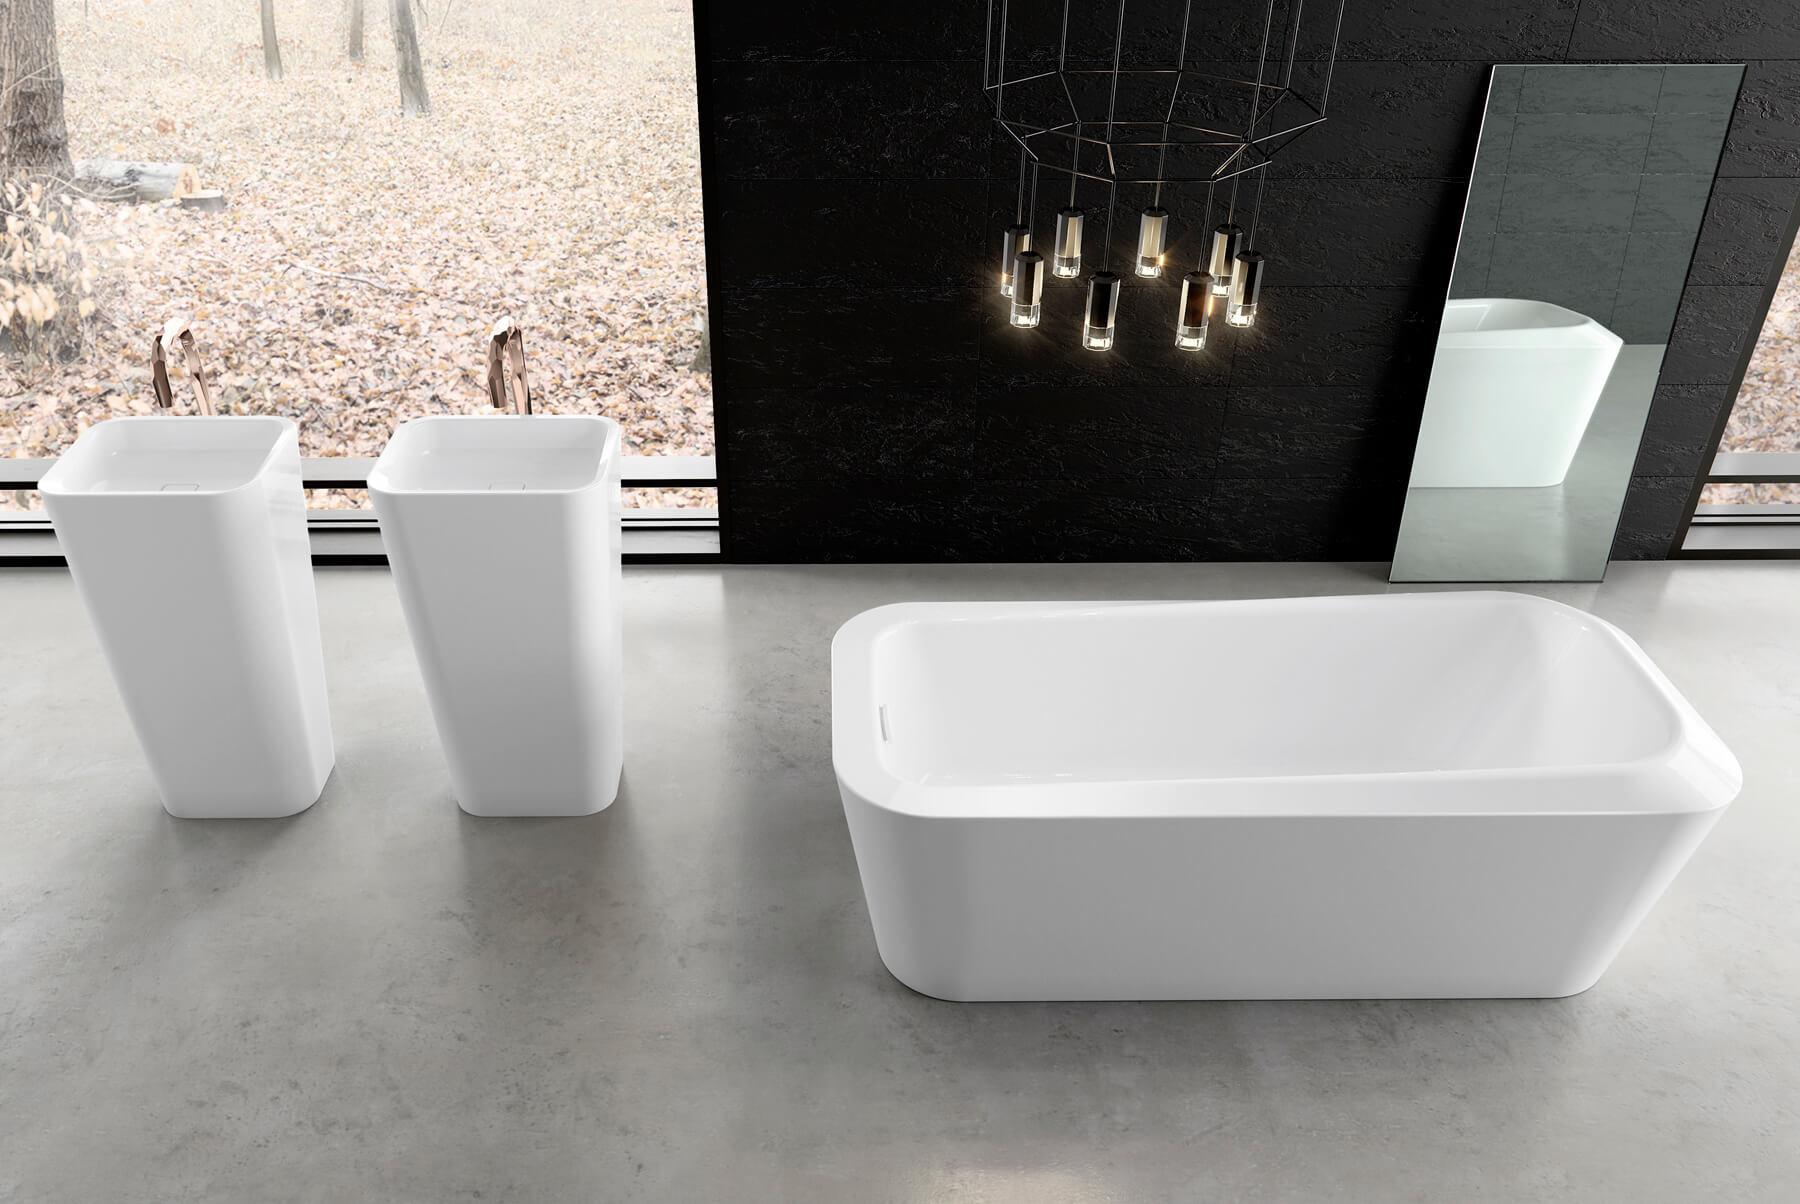 Bath-Tubs-Kaldewei-Emerso-3-1800x1204